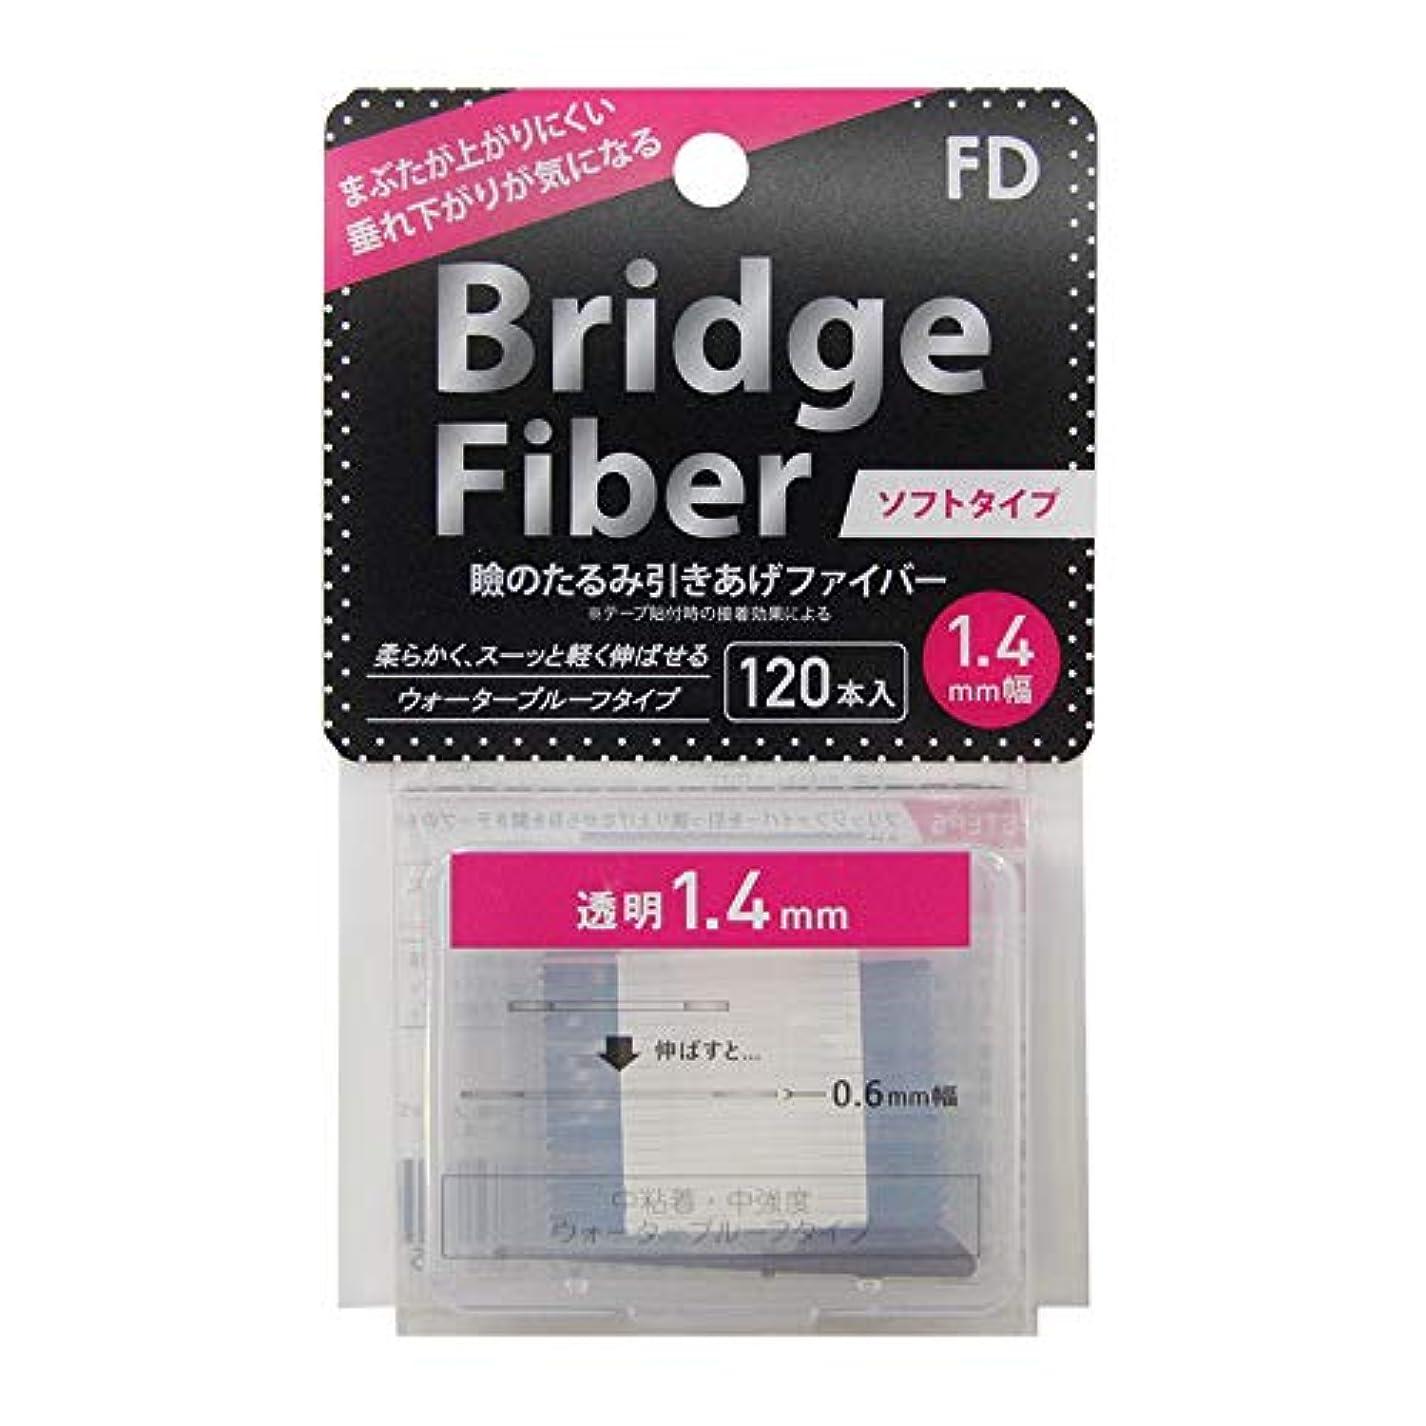 独裁者香ばしいメタルラインFD ブリッジソフトファイバー 眼瞼下垂防止テープ ソフトタイプ 透明1.4mm幅 120本入り